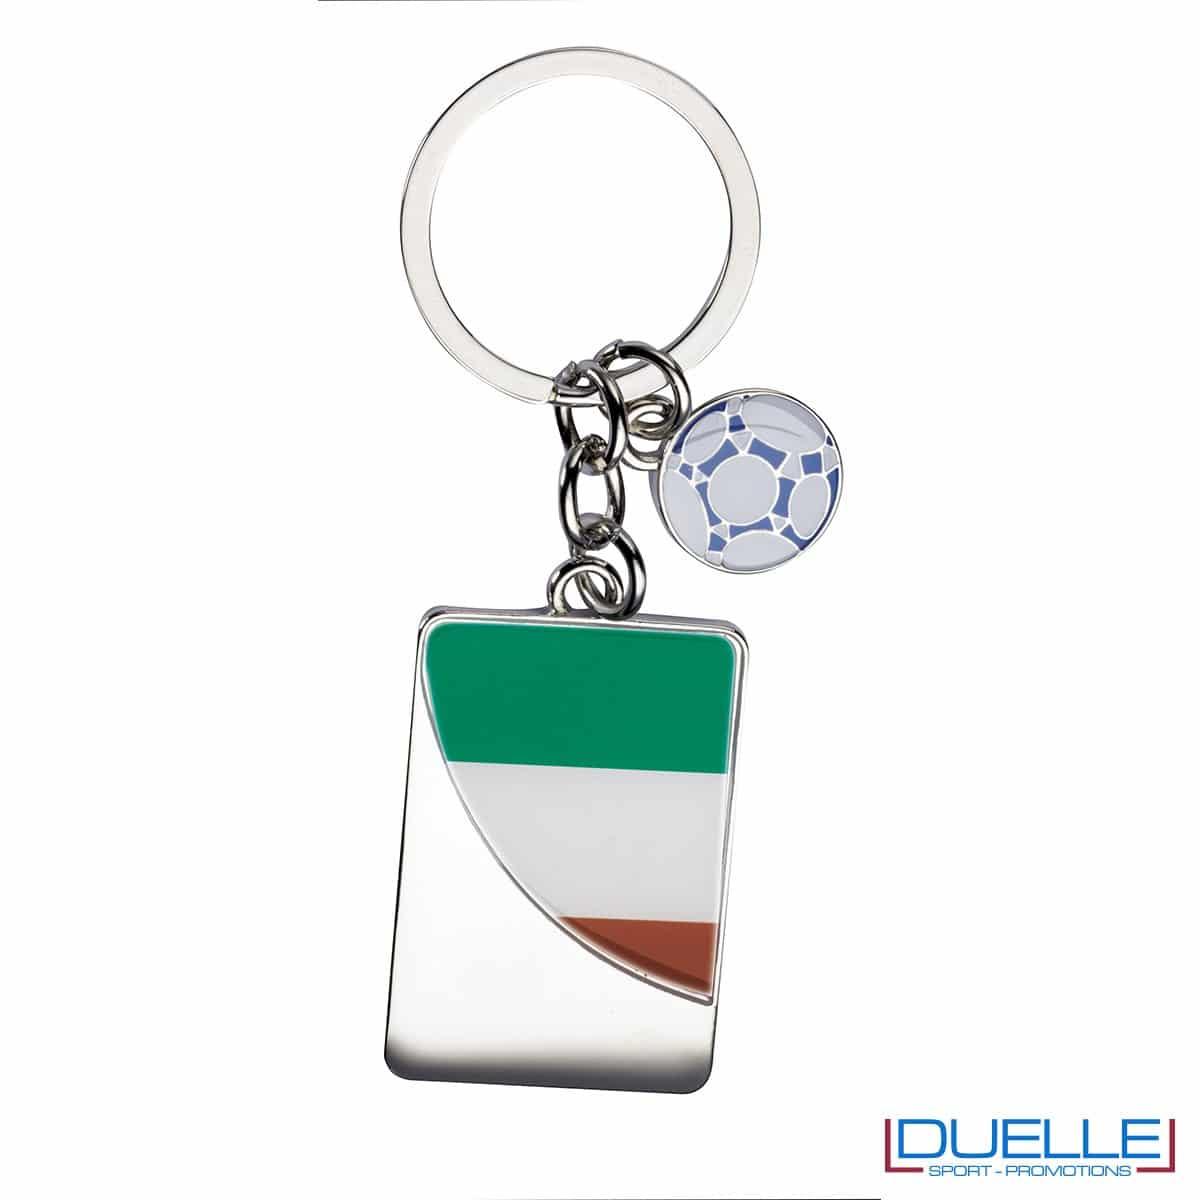 portachiavi personalizzato con pallone da calcio e bandiera tricolore, gadget mondiali personalizzati